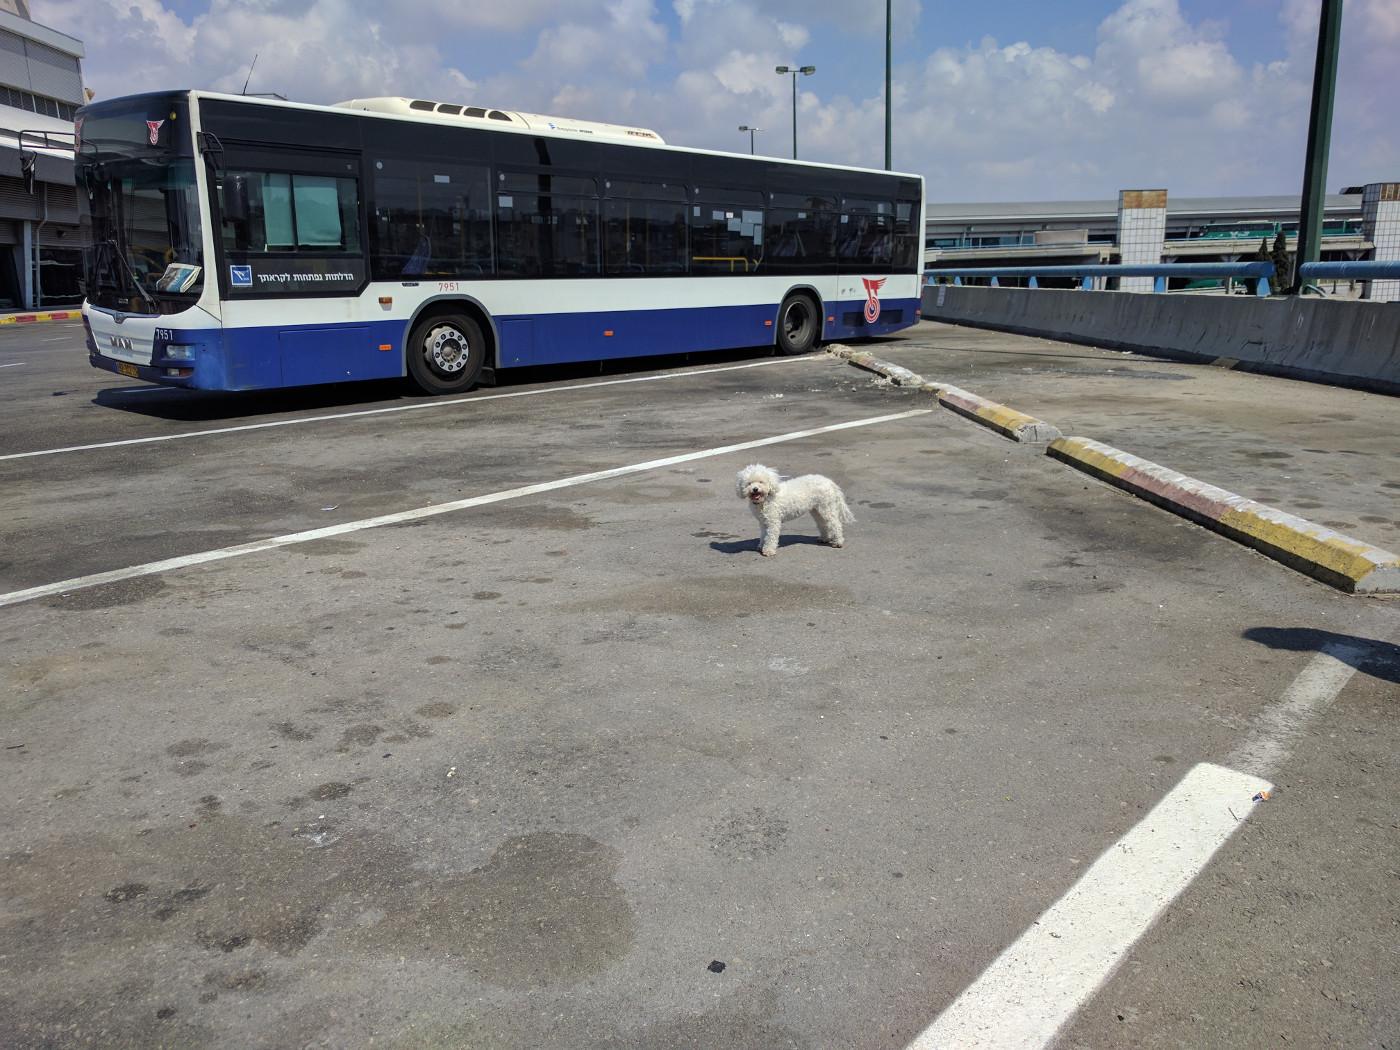 כלב לבן קטן ליד אוטובוס מאן של חברת דן.